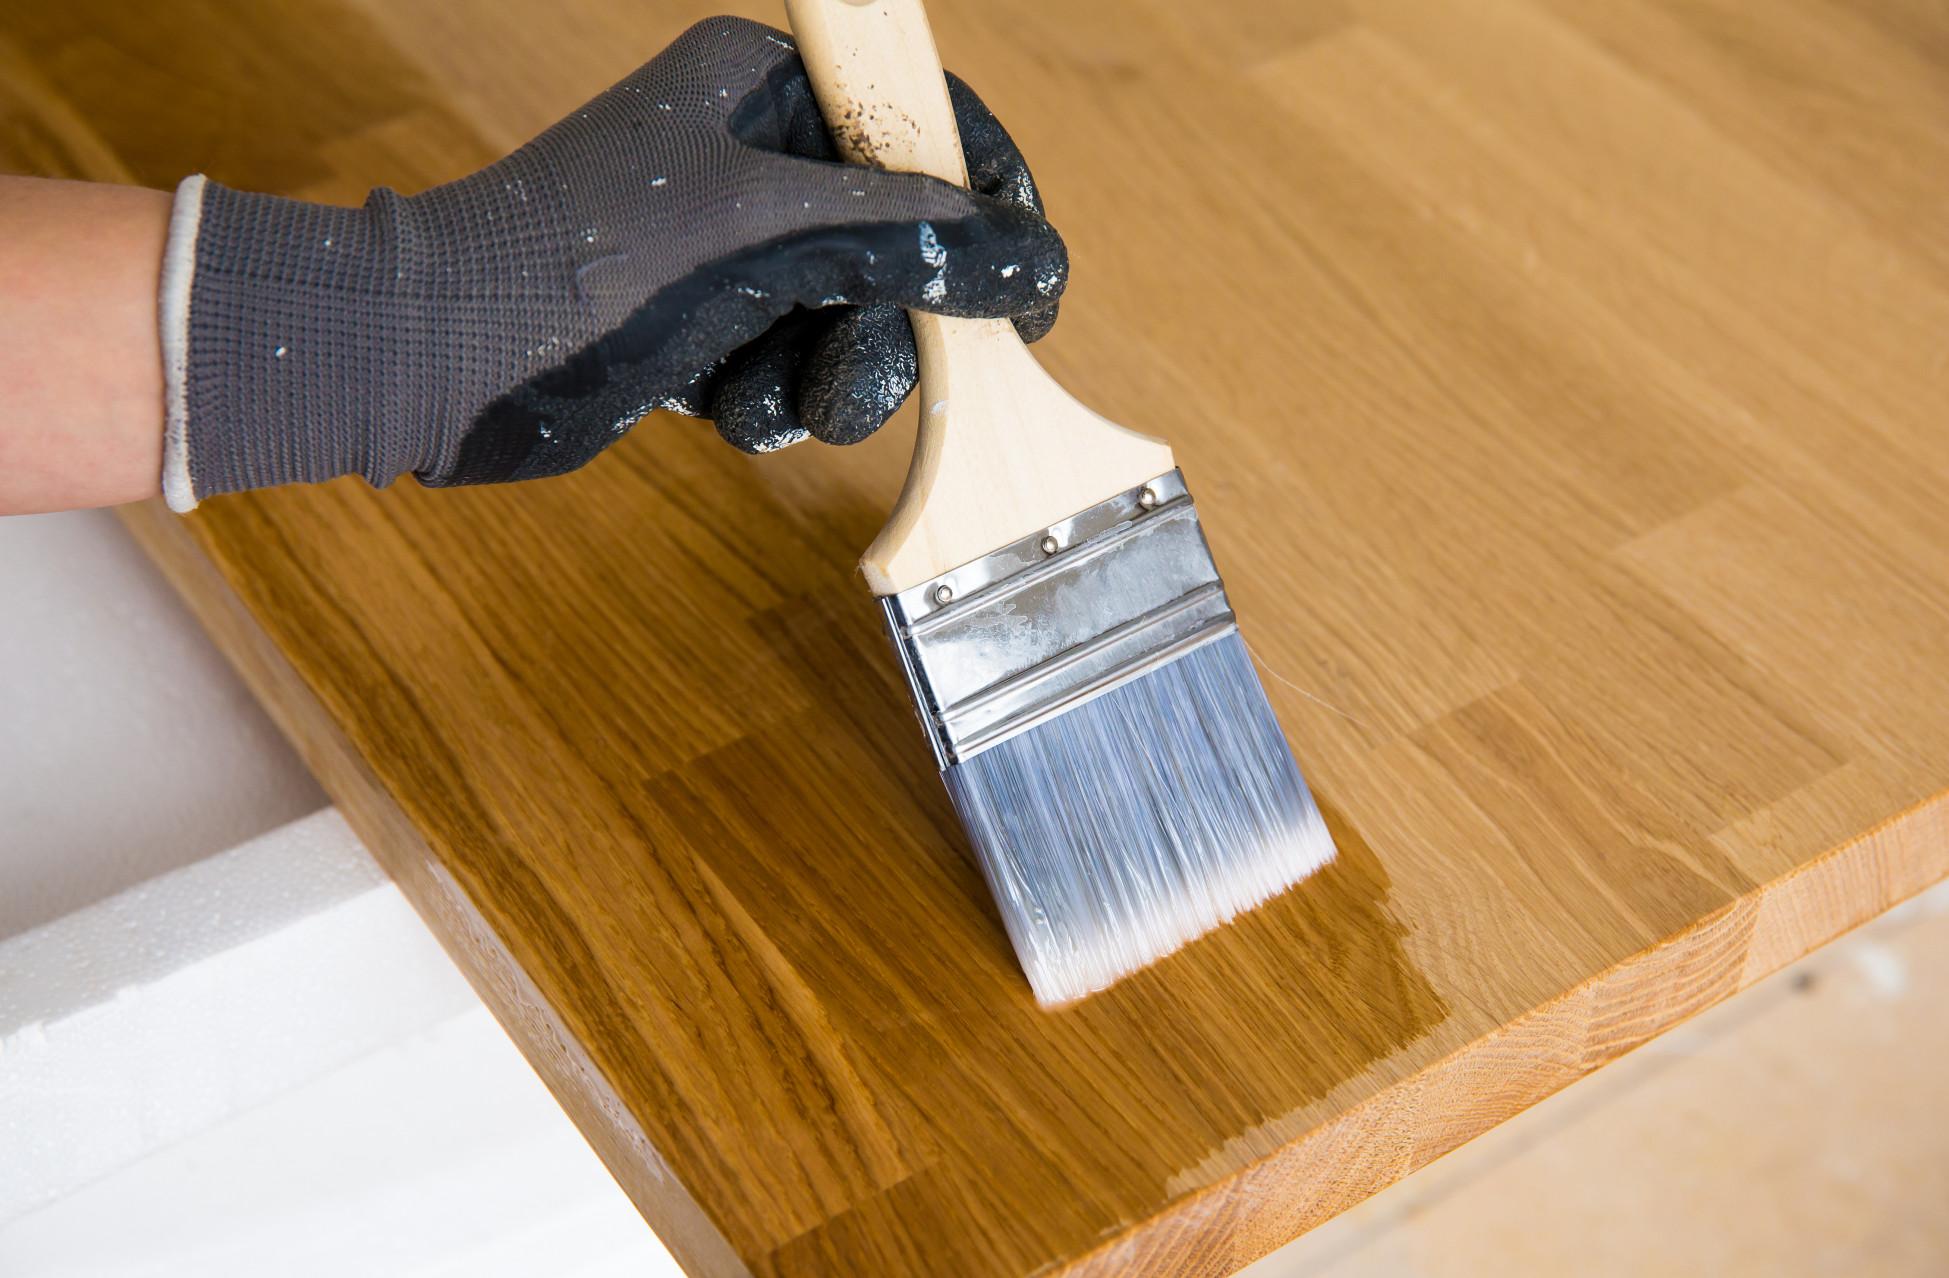 Nahaufnahme einer Hand die ein Stück Holz mit einem grossen Pinsel lasiert